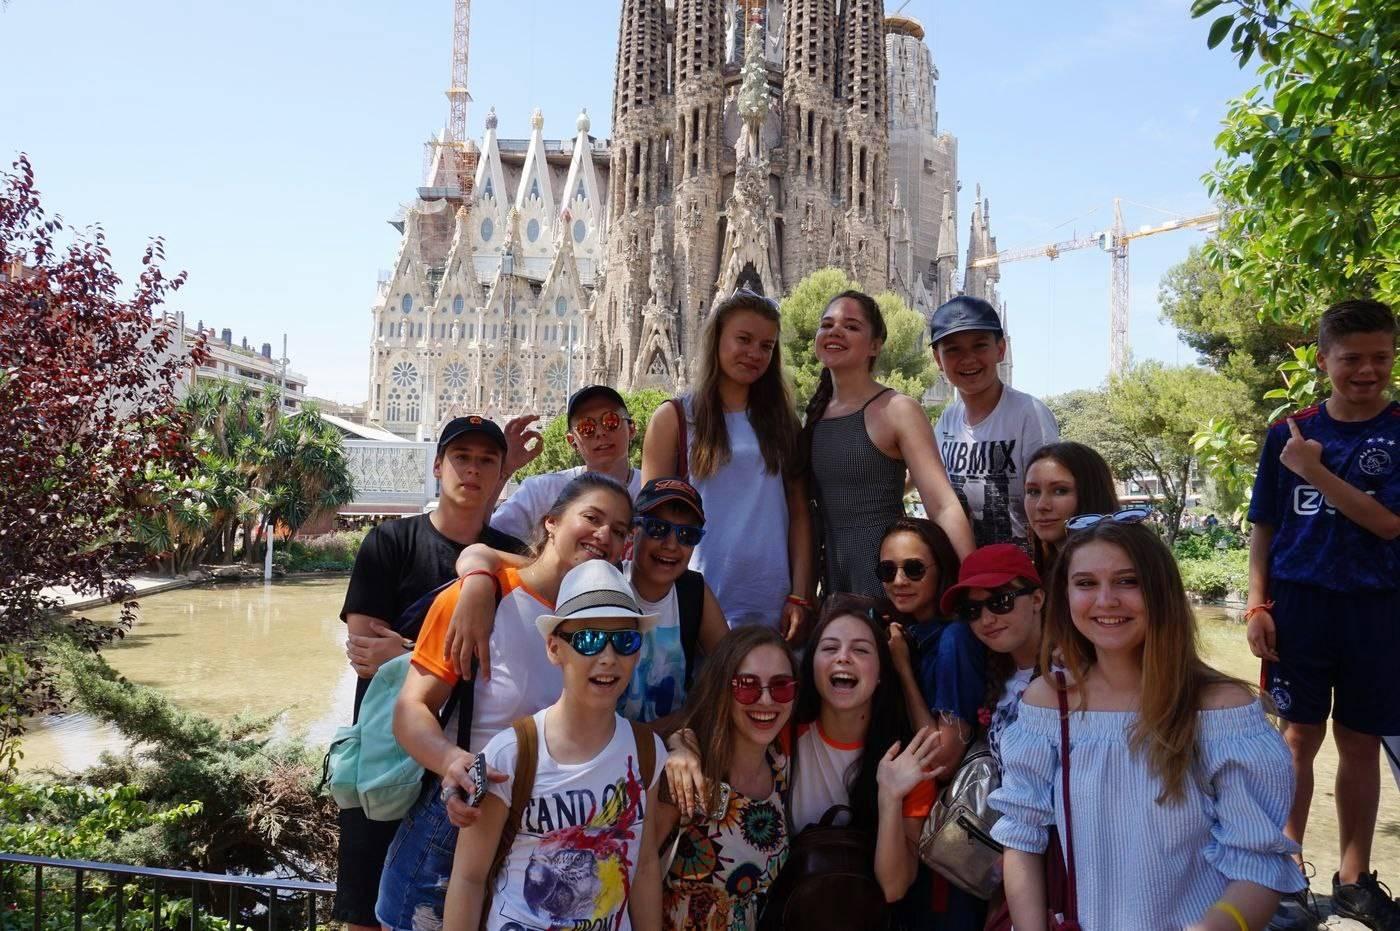 Семейные лагеря для детей в испании 2021 - купить путевку, бронирование бесплатно